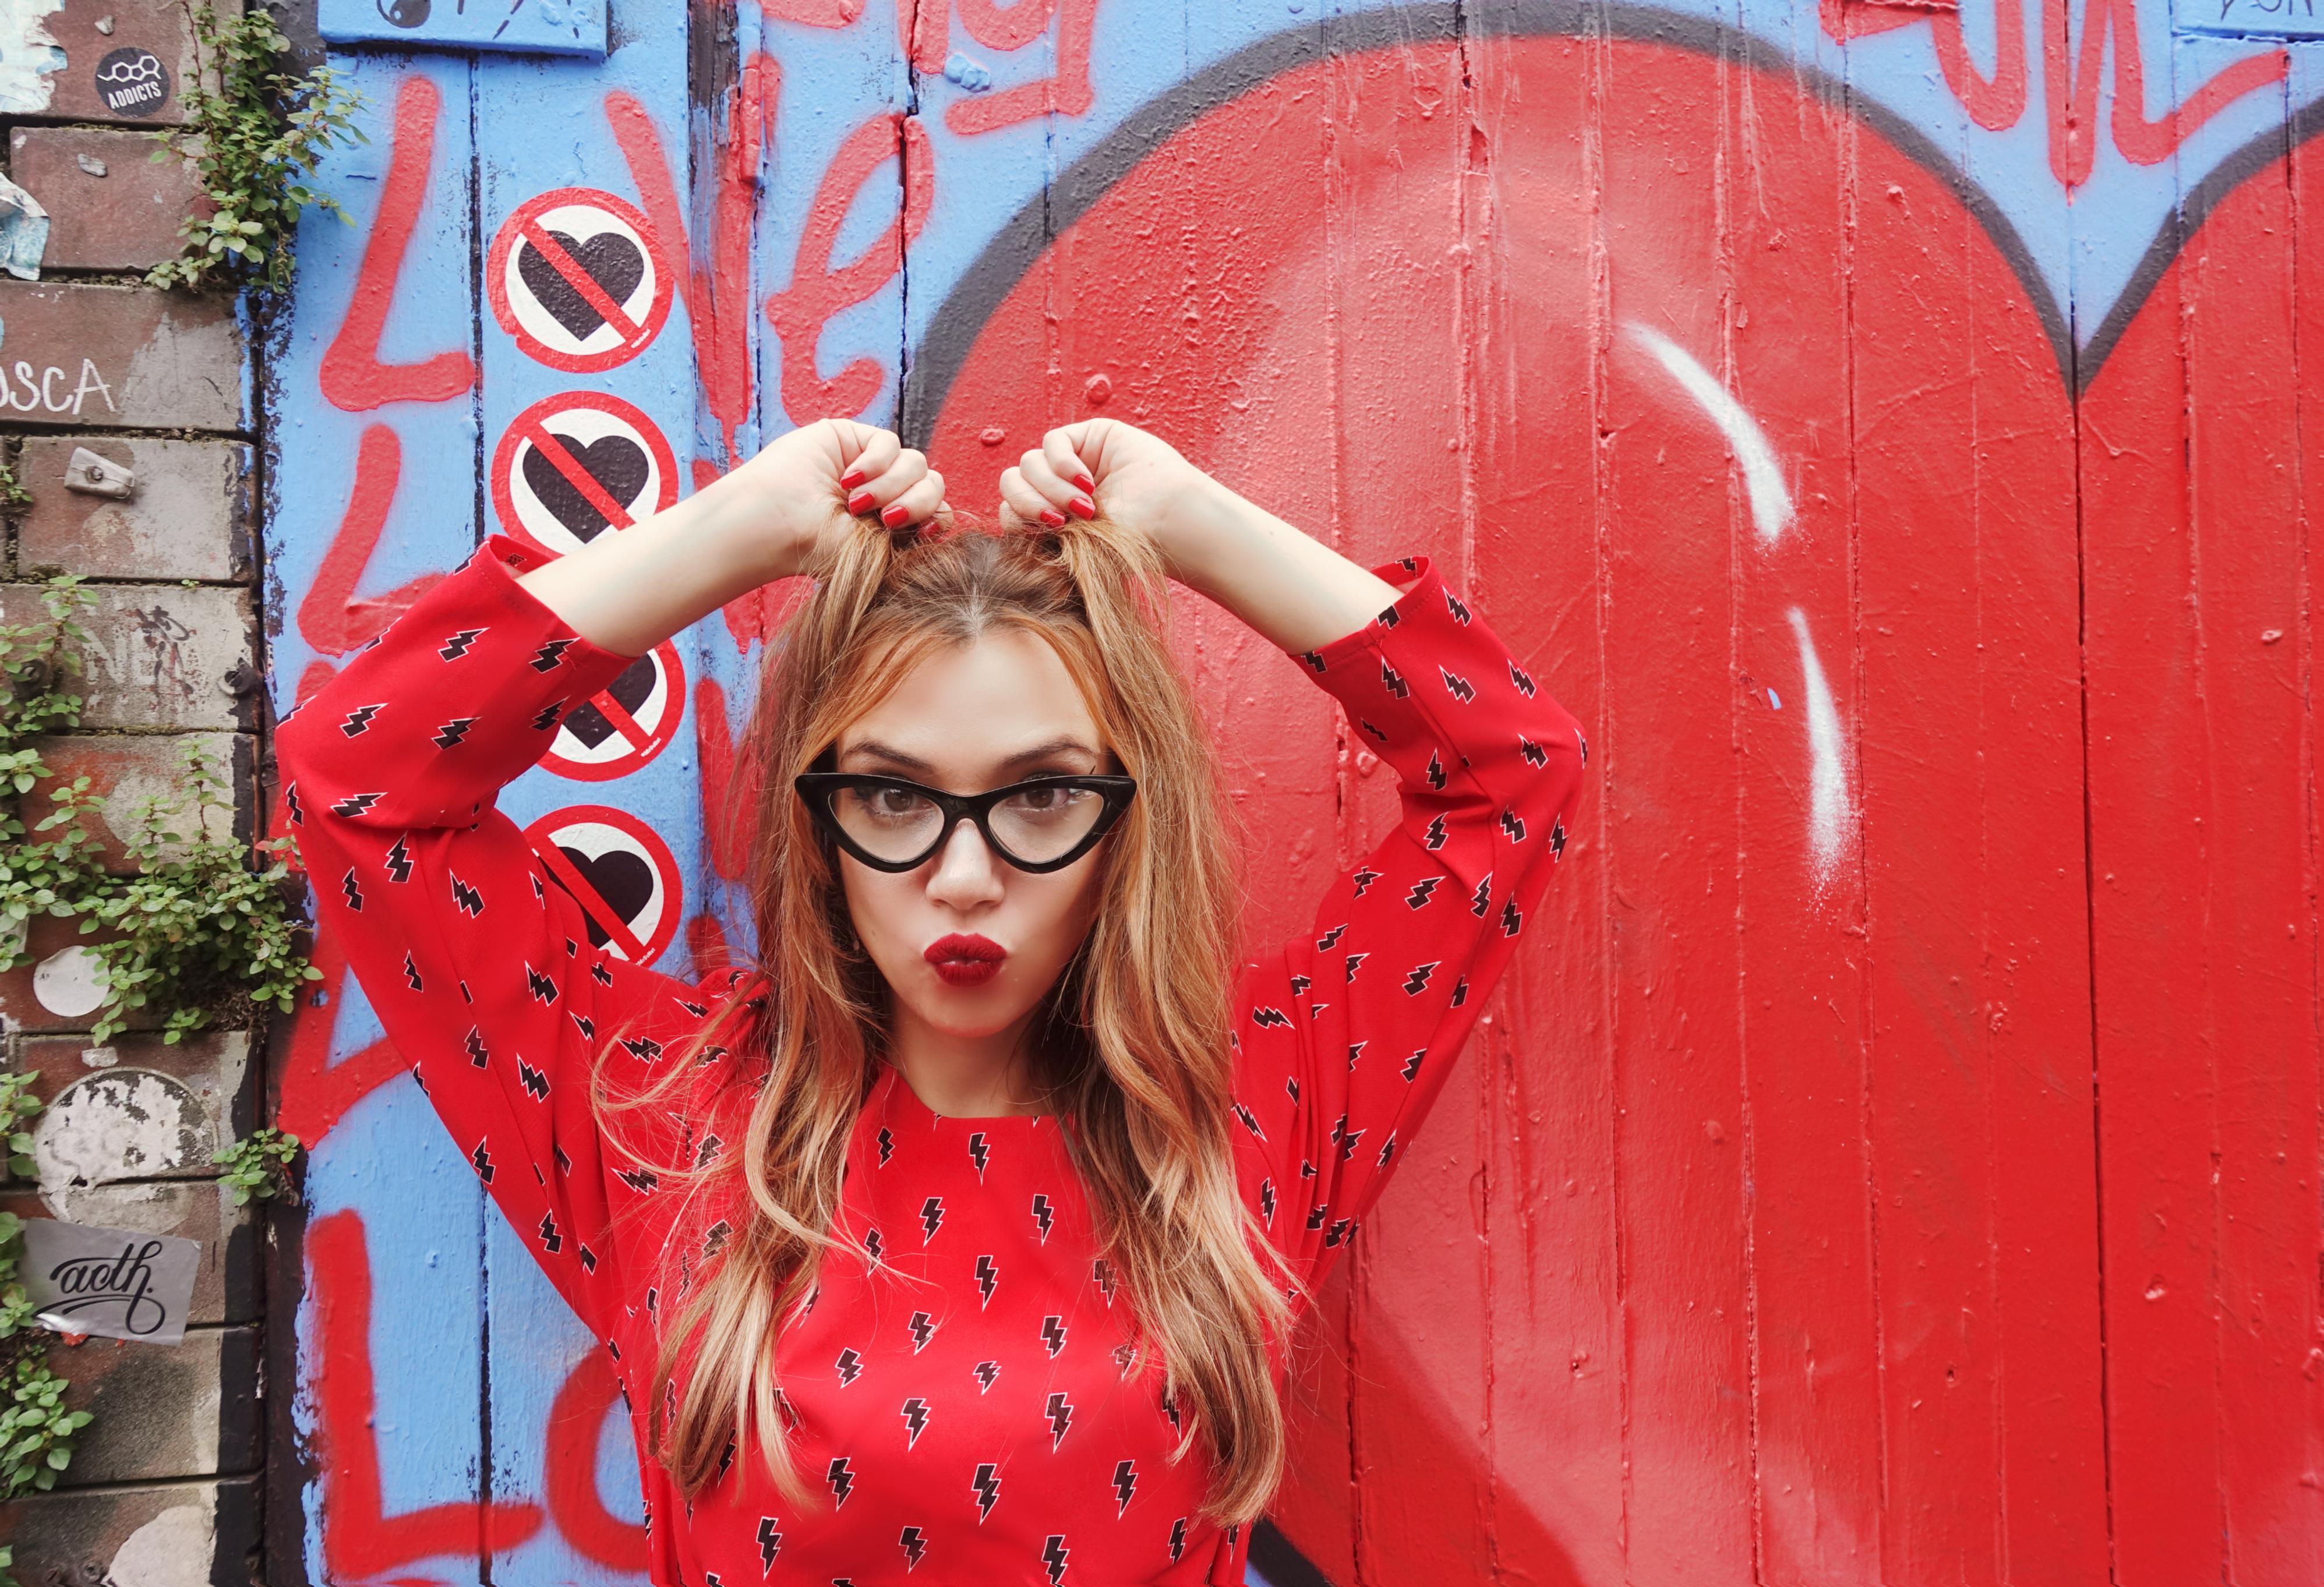 Gafas-retro-Chicadicta-influencer-PiensaenChic-vestidos-minueto-look-de-otono-blog-de-moda-red-outfit-Chic-adicta-Piensa-en-Chic